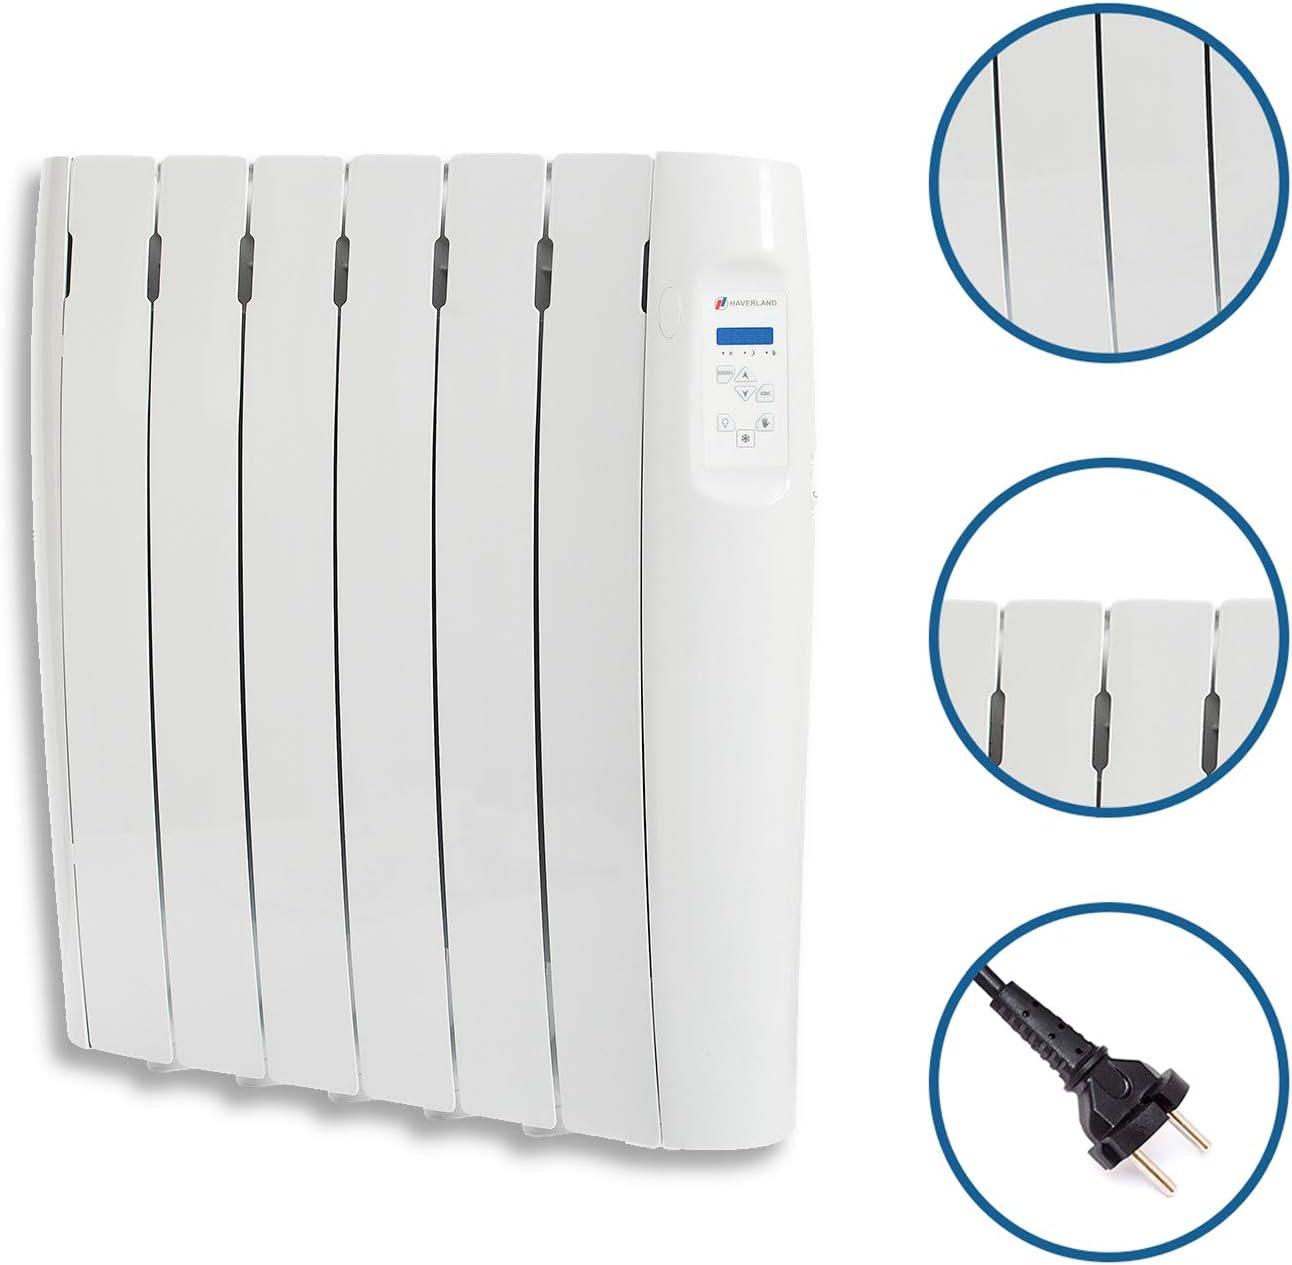 Pantalla Temperatura Ambiente Radiador Digital Fluido Bajo Consumo Haverland RC12M Programable 12 Elementos 1500 de Potencia Exclusivo Indicador De Consumo